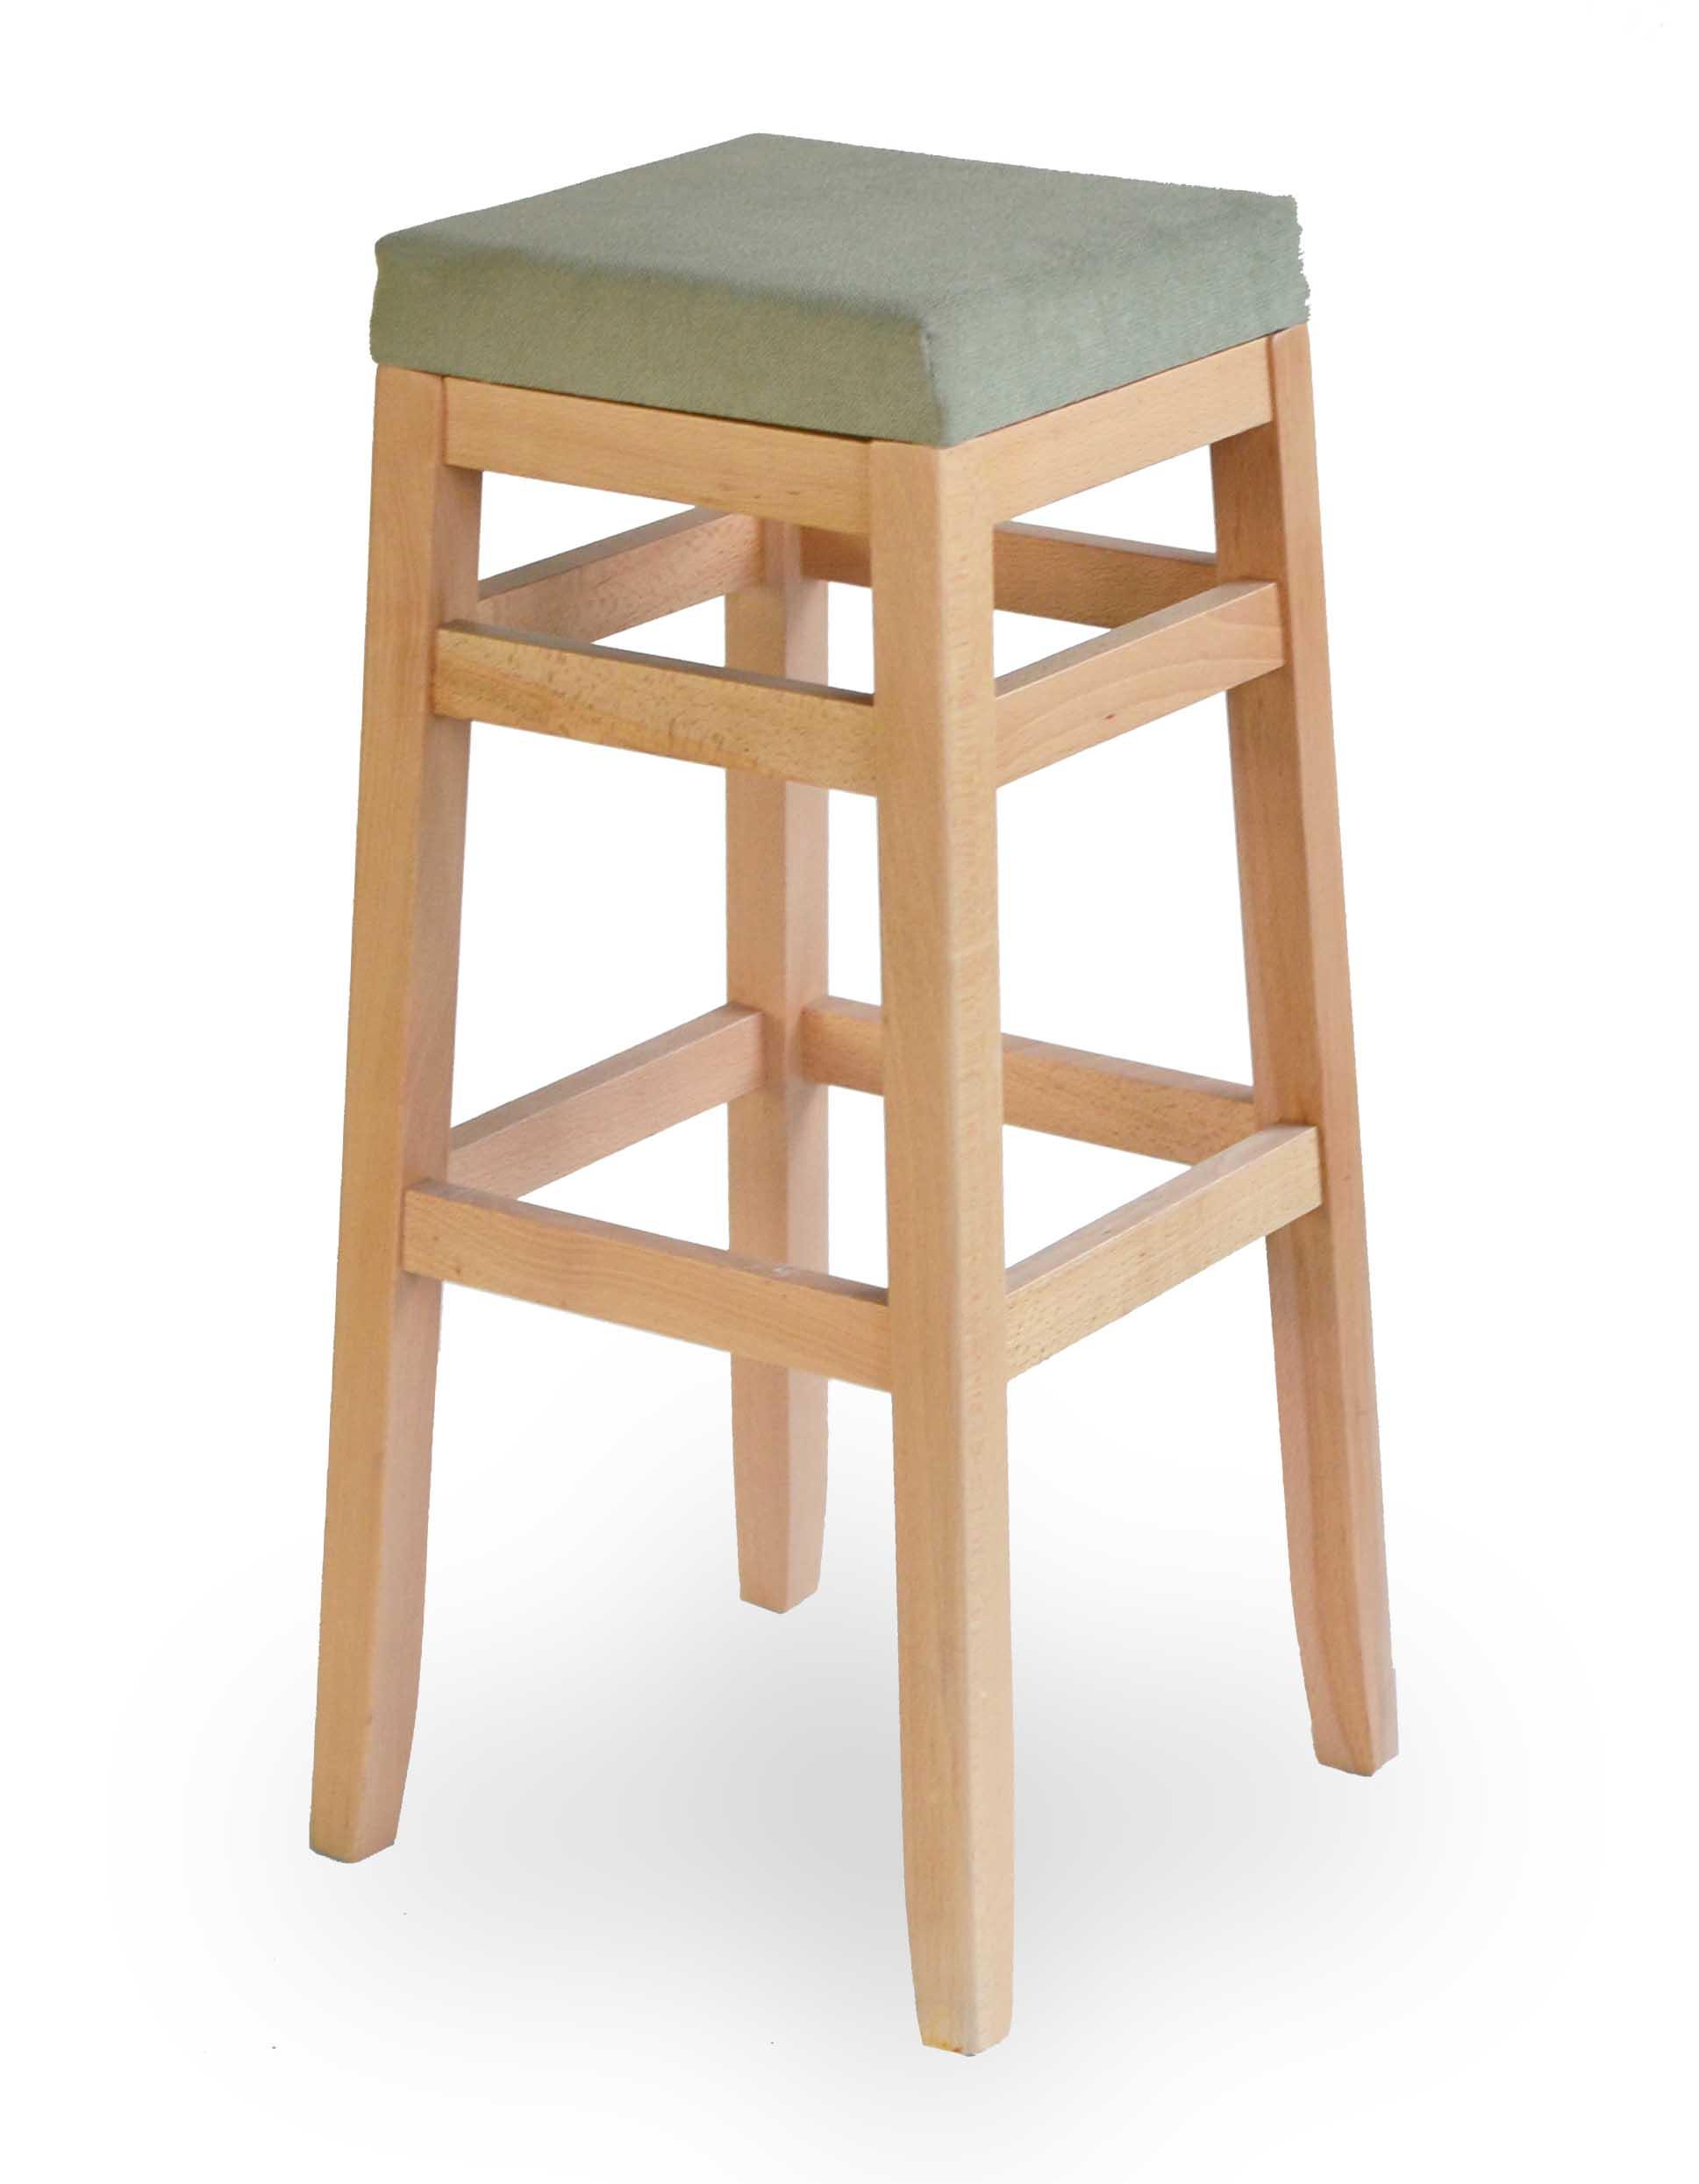 Ξύλινο σκαμπό χωρίς Πλατή. Μπορεί να γίνει στο ύψος και στα χρώματα της επιλογής σας!